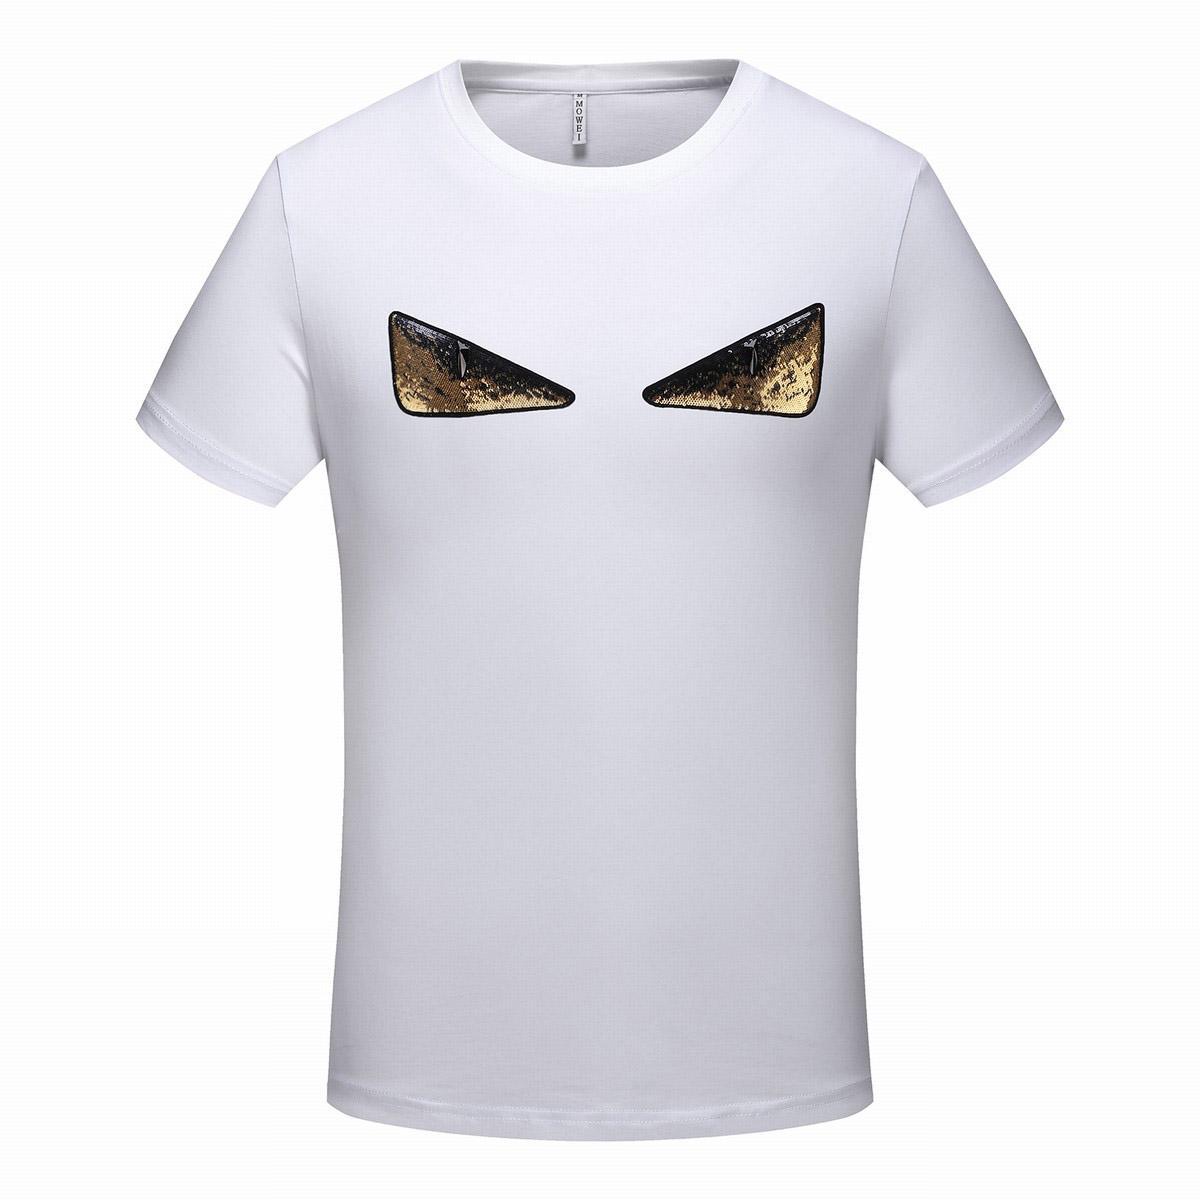 Printted Manga Corta Tops De Con Verano T Shirt Hombre Ropa Moda 2019 Diseñador Letras Medusa Para Hombres Animal Camiseta hxtQrsdC